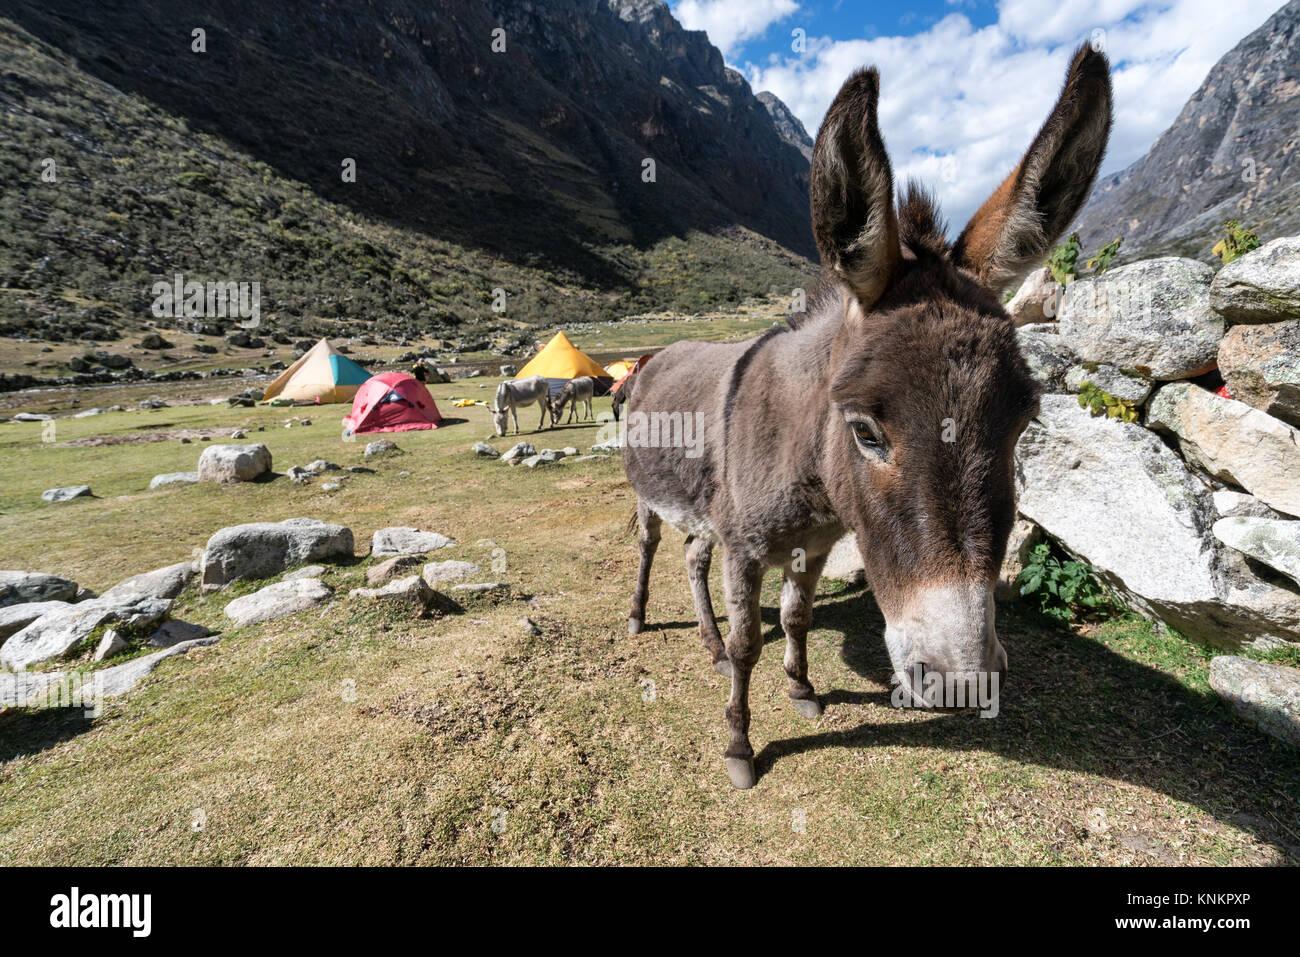 Curiour burro en el valle de Santa Cruz, la Cordillera Blanca, Perú Imagen De Stock